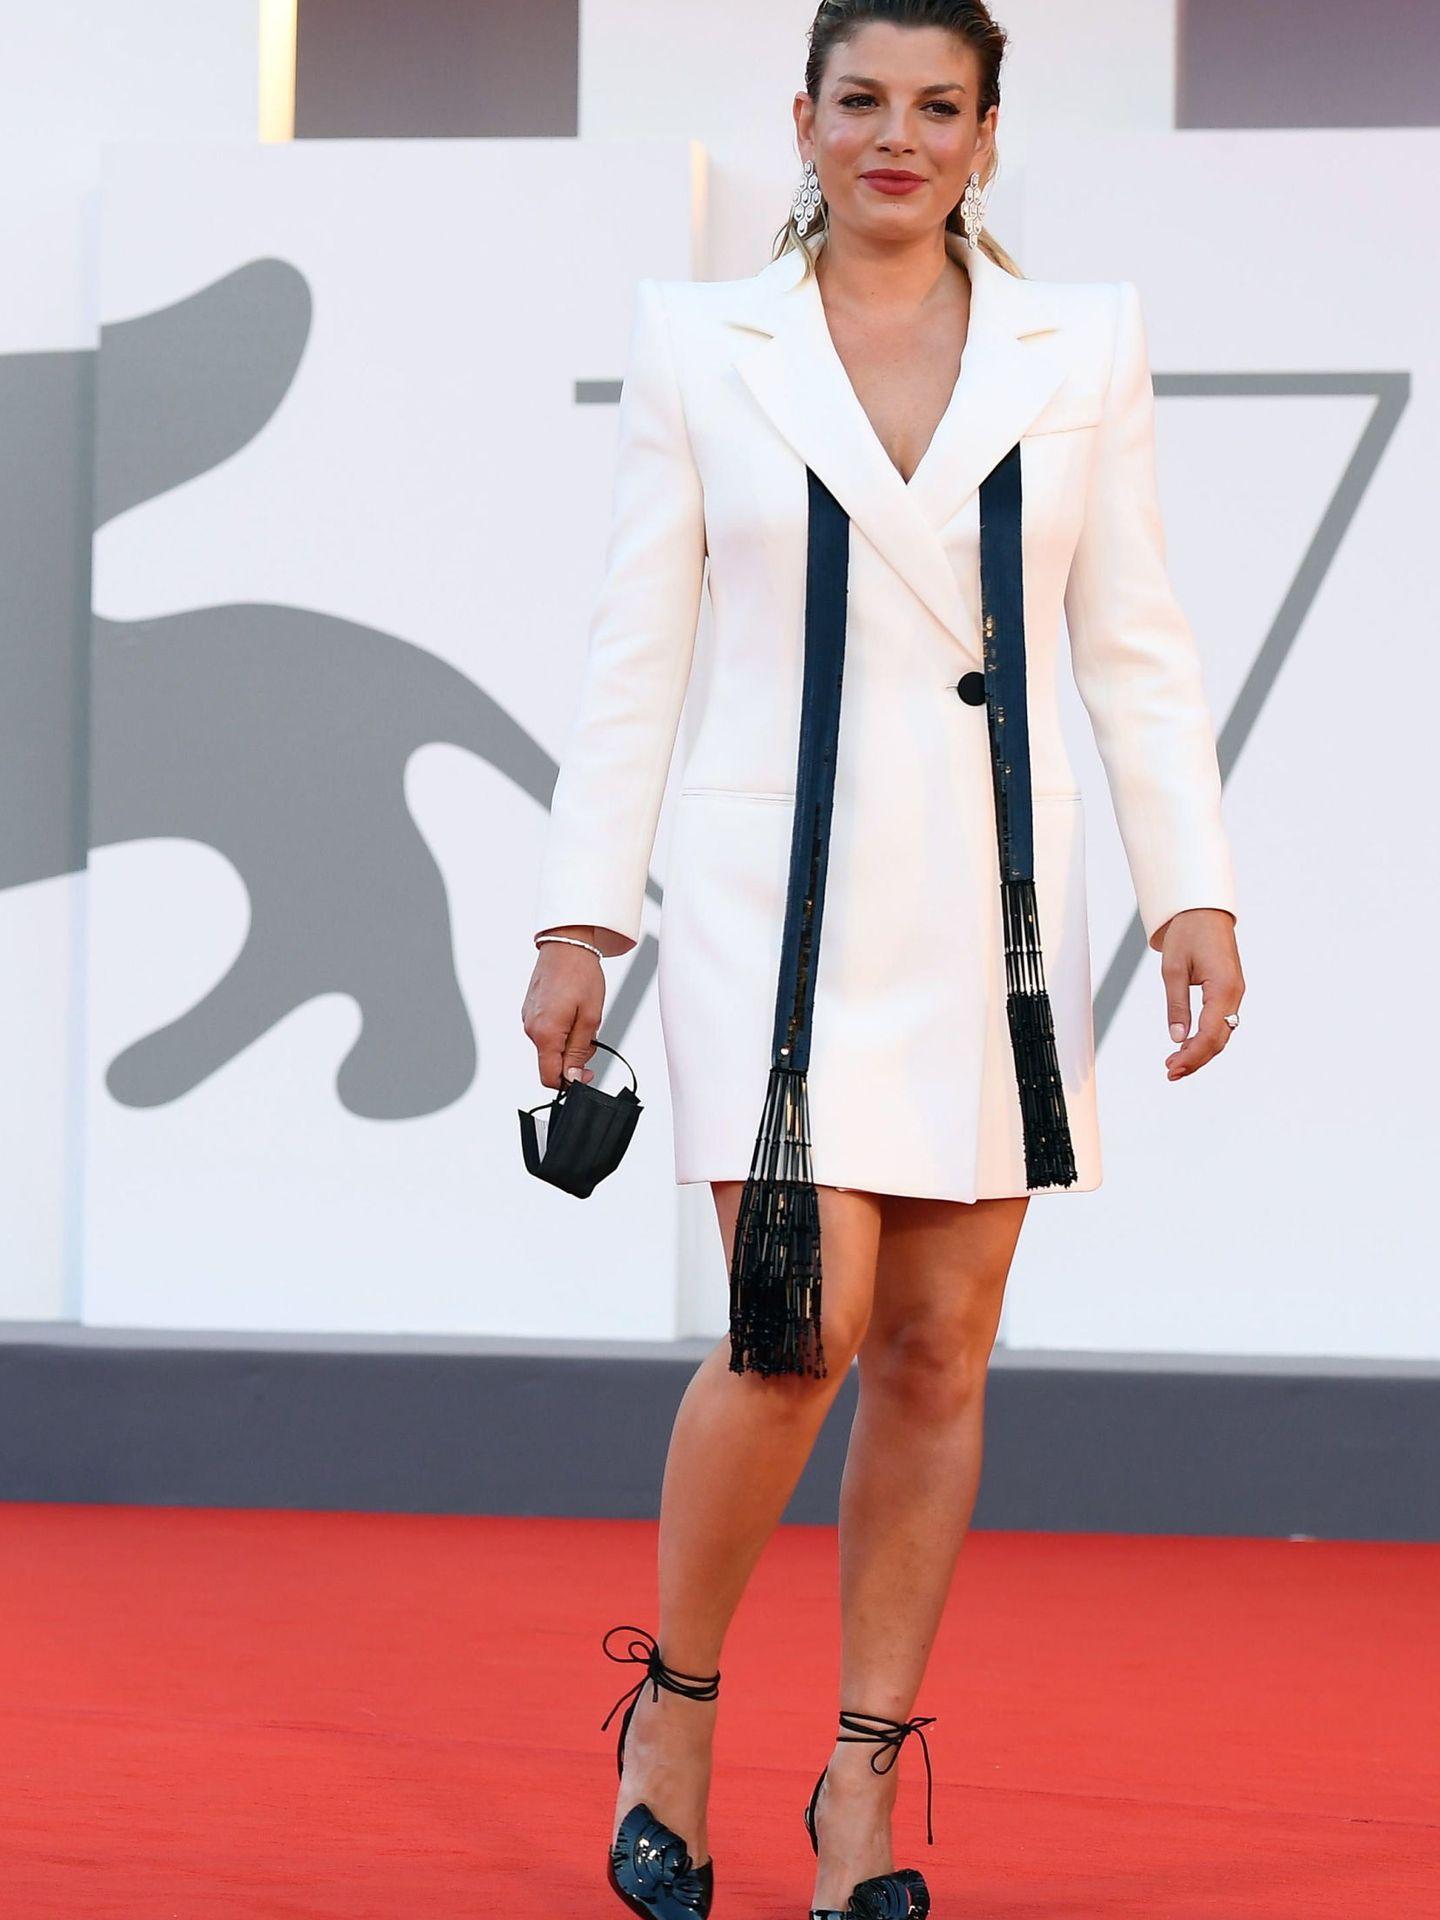 La cantante Emma Marrone, en la presentación de 'Miss Marx' con vestido blazer en color blanco. (EFE)